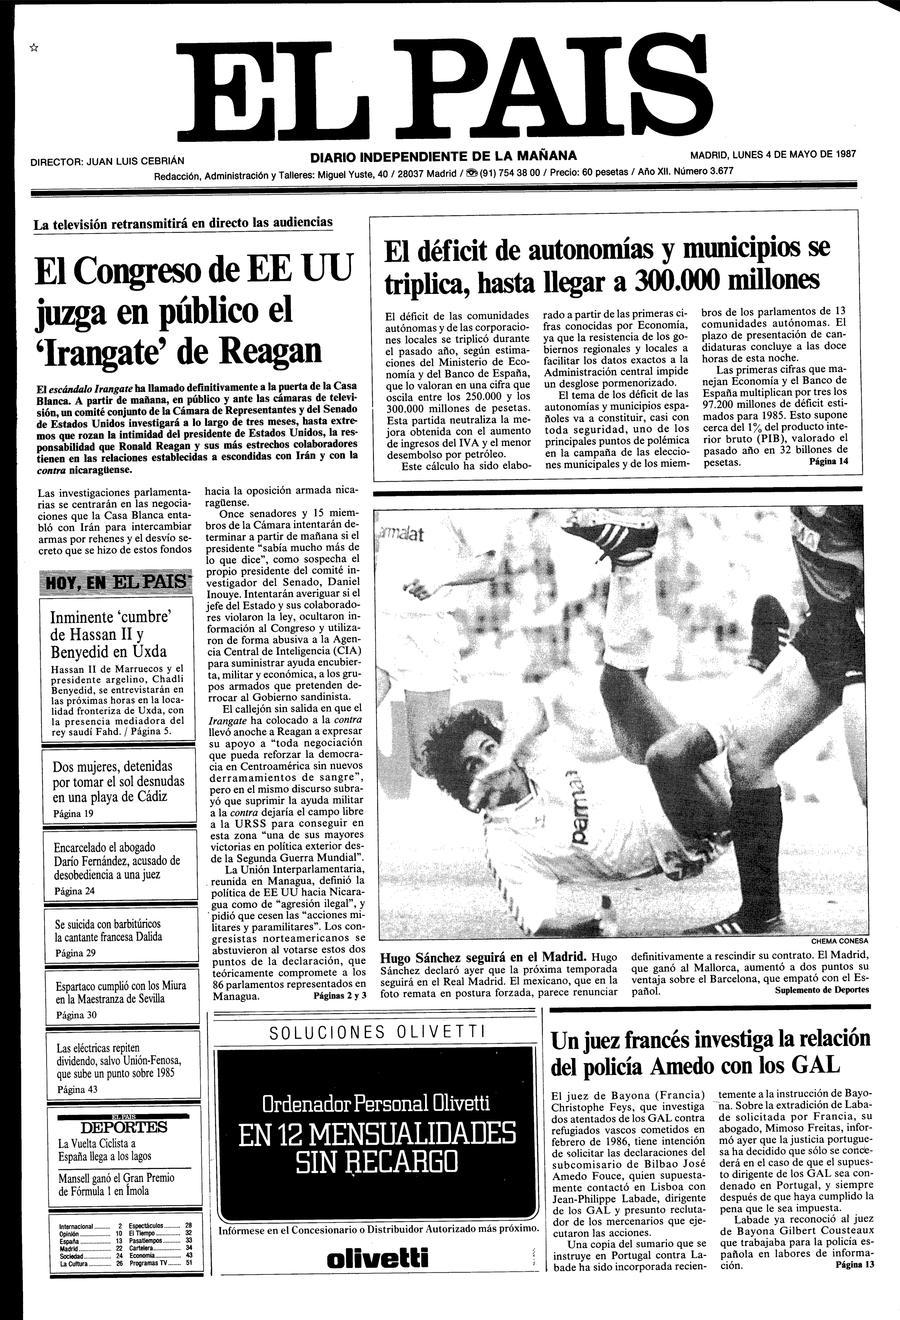 4 de Mayo de 1987